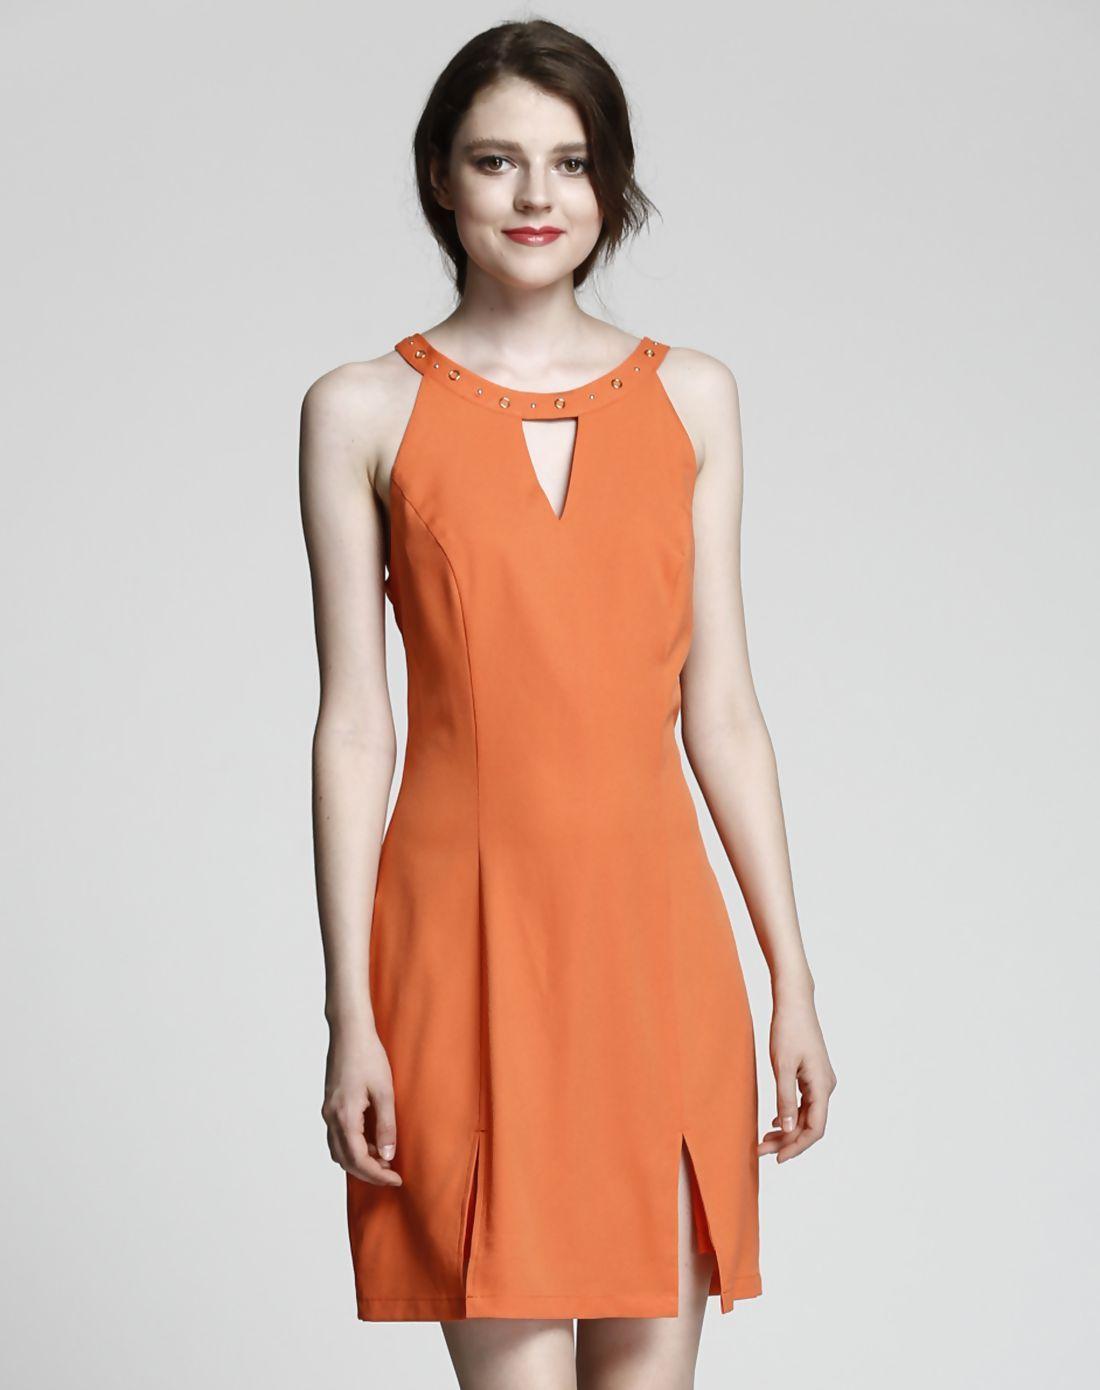 Adorewe vipme aline dressesdesigner liyas closet orange